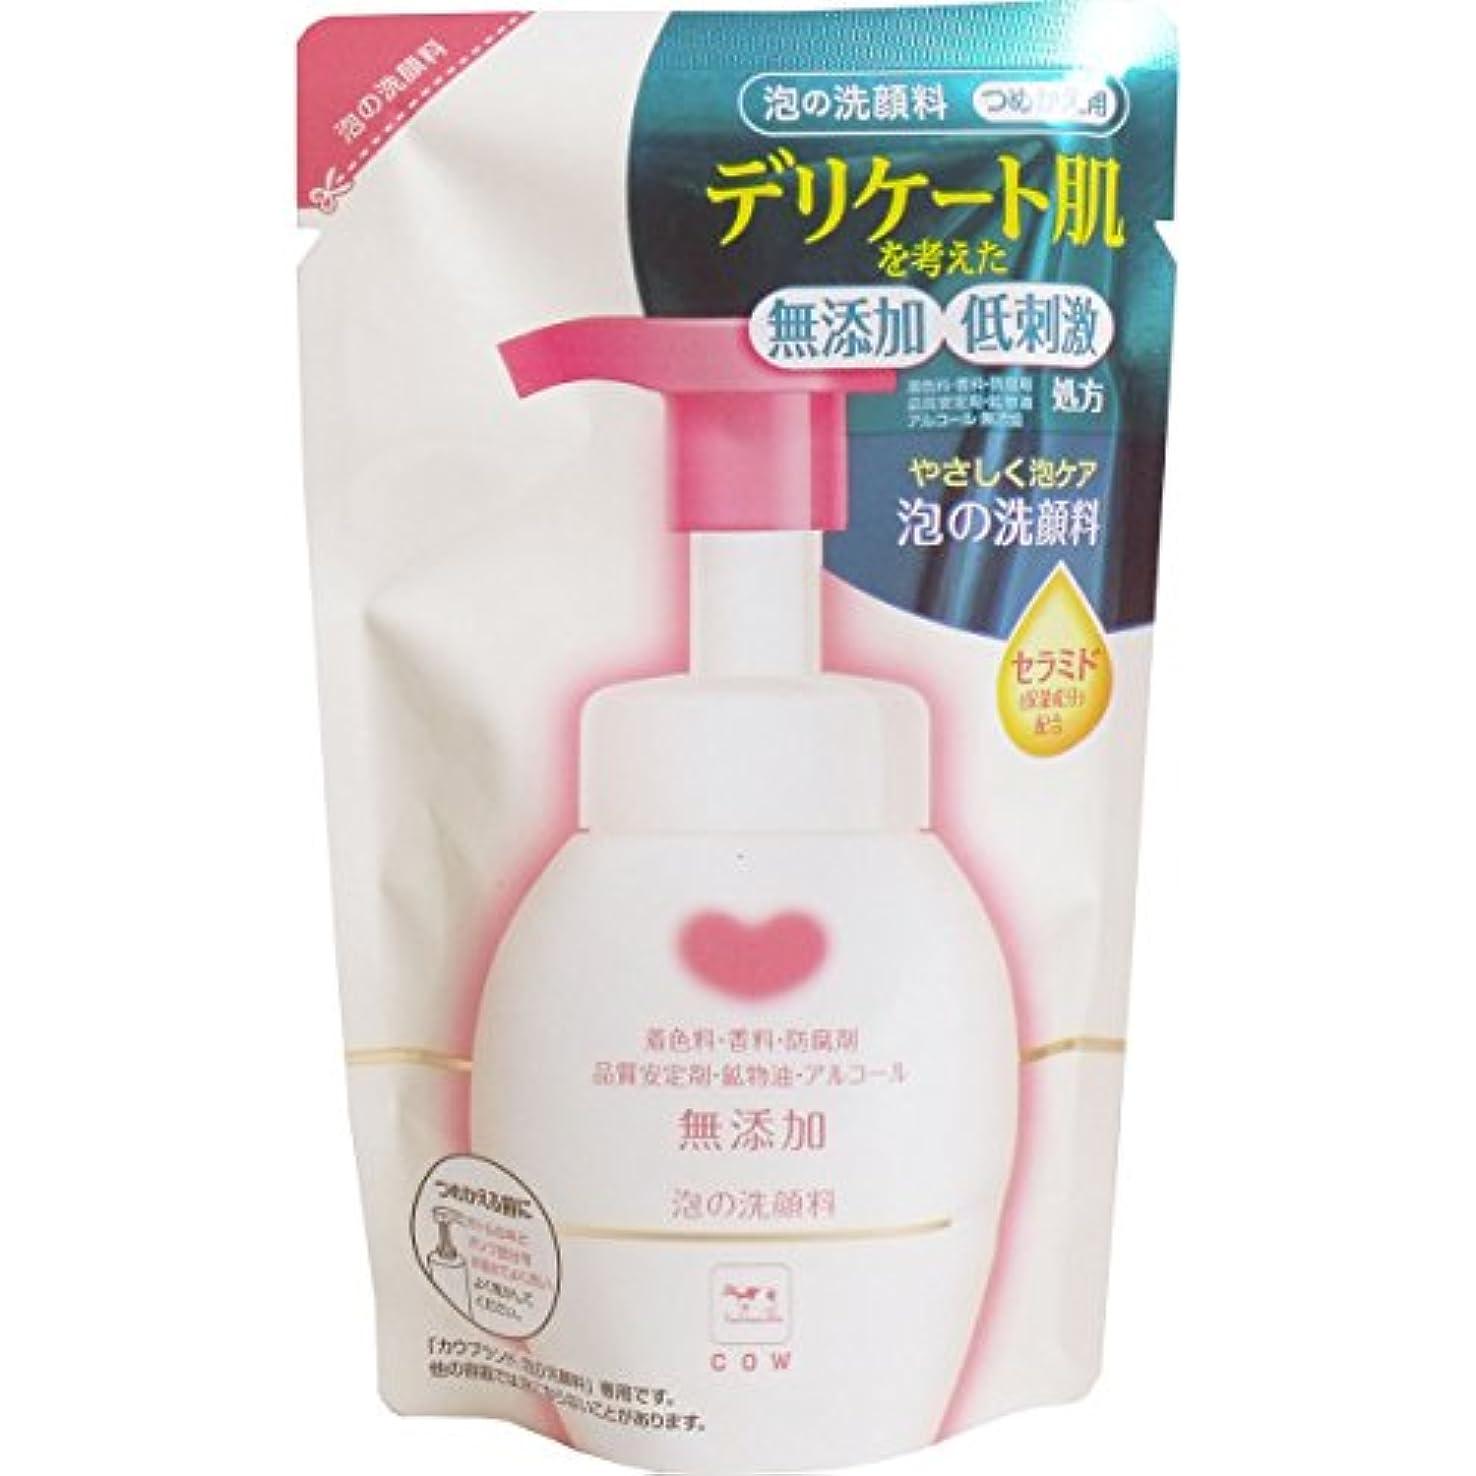 たっぷり消化ペルメルカウブランド 無添加 泡の洗顔料 つめかえ用 180ml 8セット